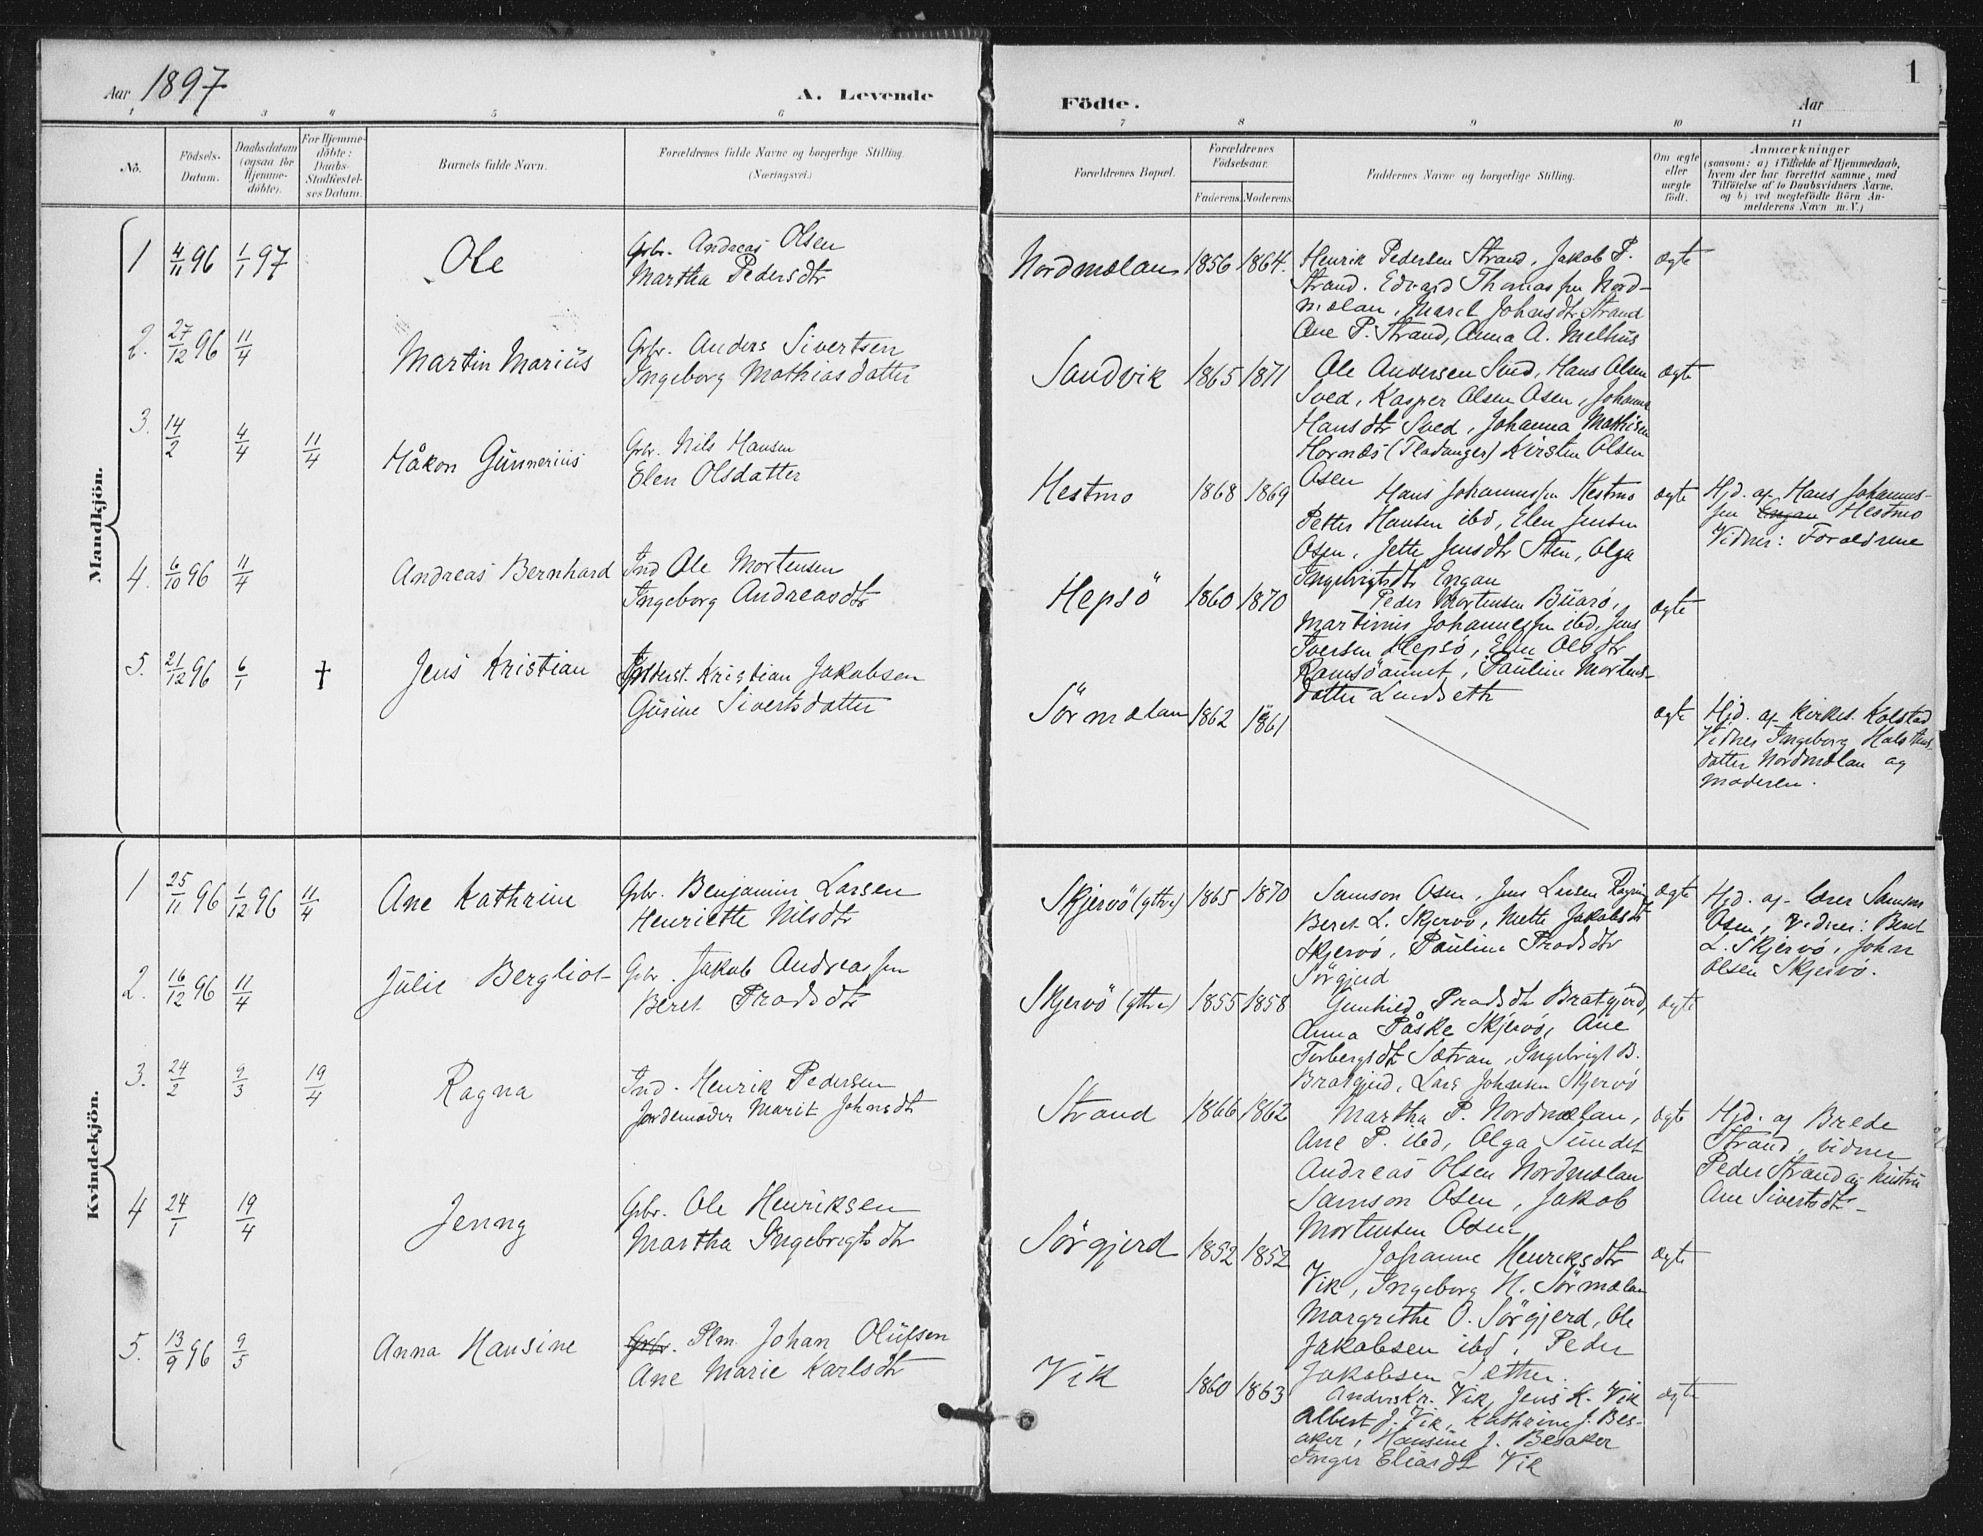 SAT, Ministerialprotokoller, klokkerbøker og fødselsregistre - Sør-Trøndelag, 658/L0723: Ministerialbok nr. 658A02, 1897-1912, s. 1